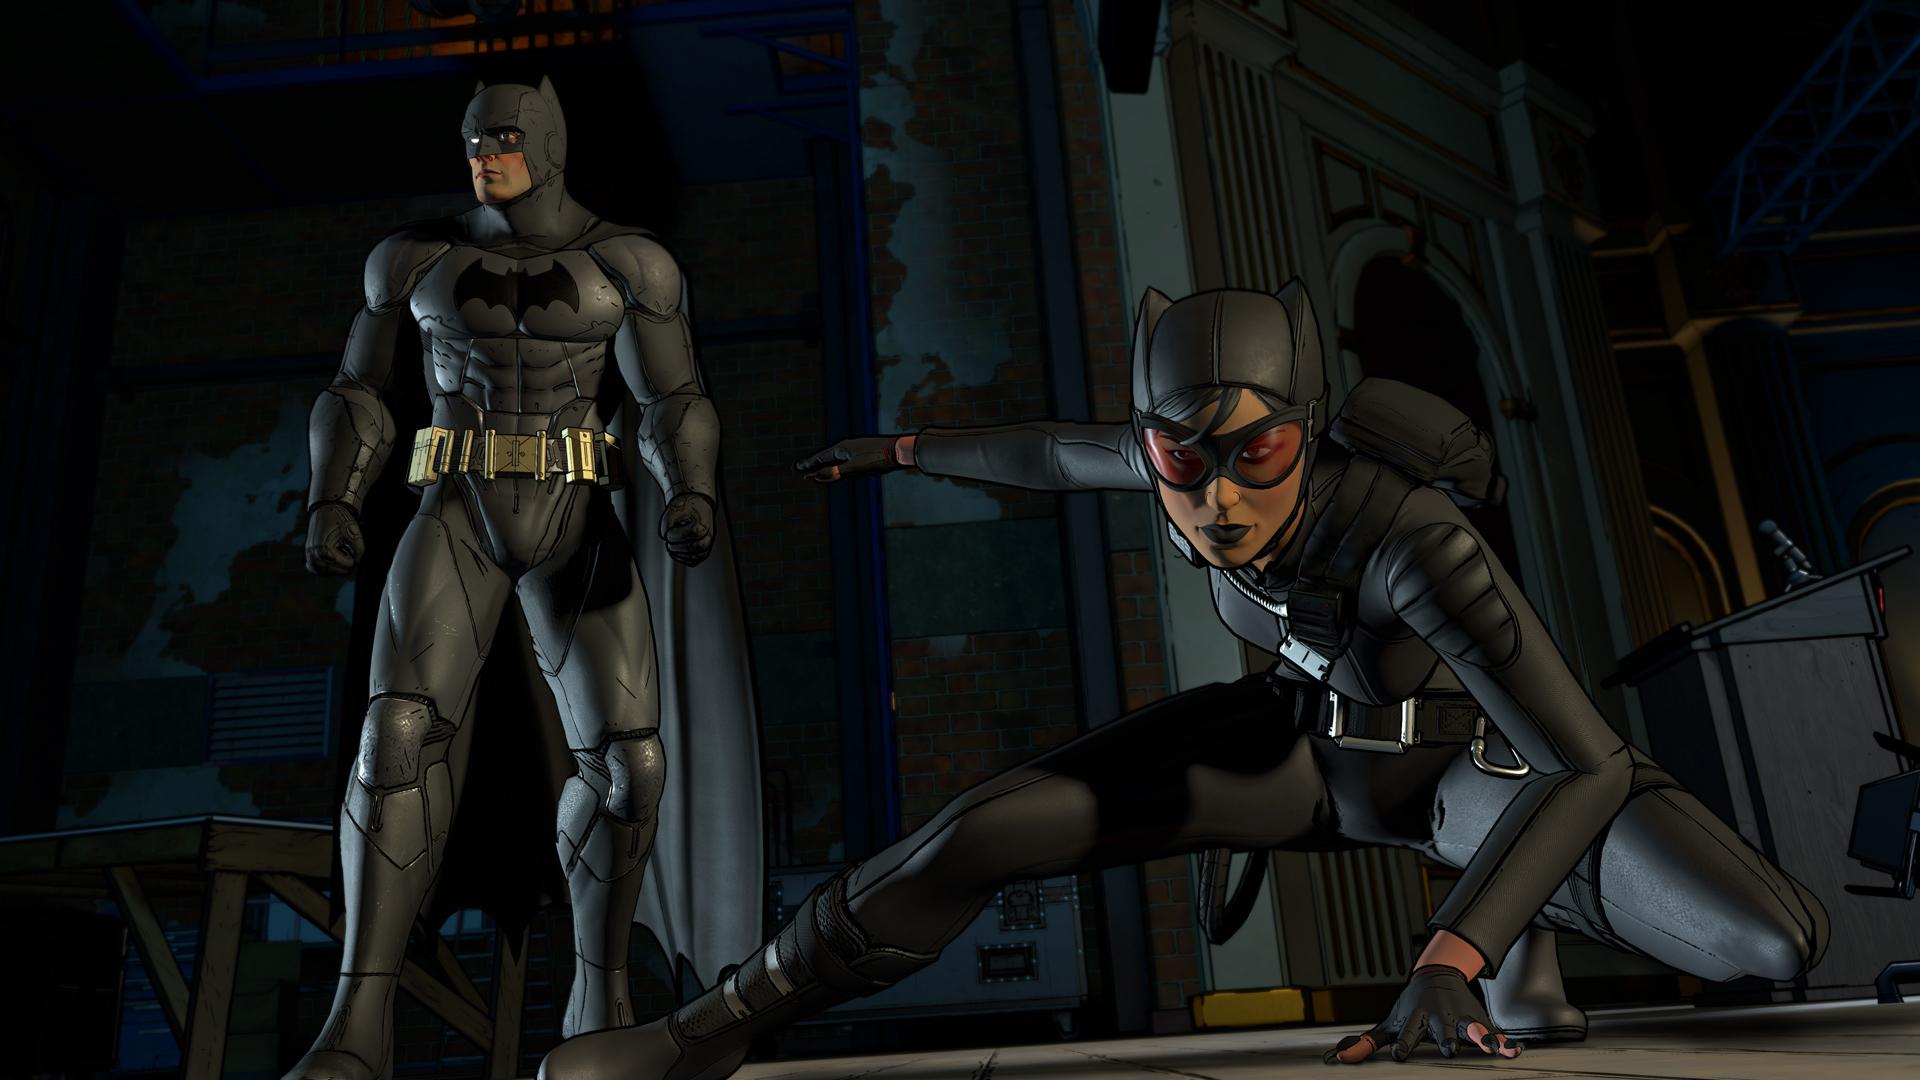 batman-the-telltale-series-episode-2-children-of-arkham-review-screenshot-1